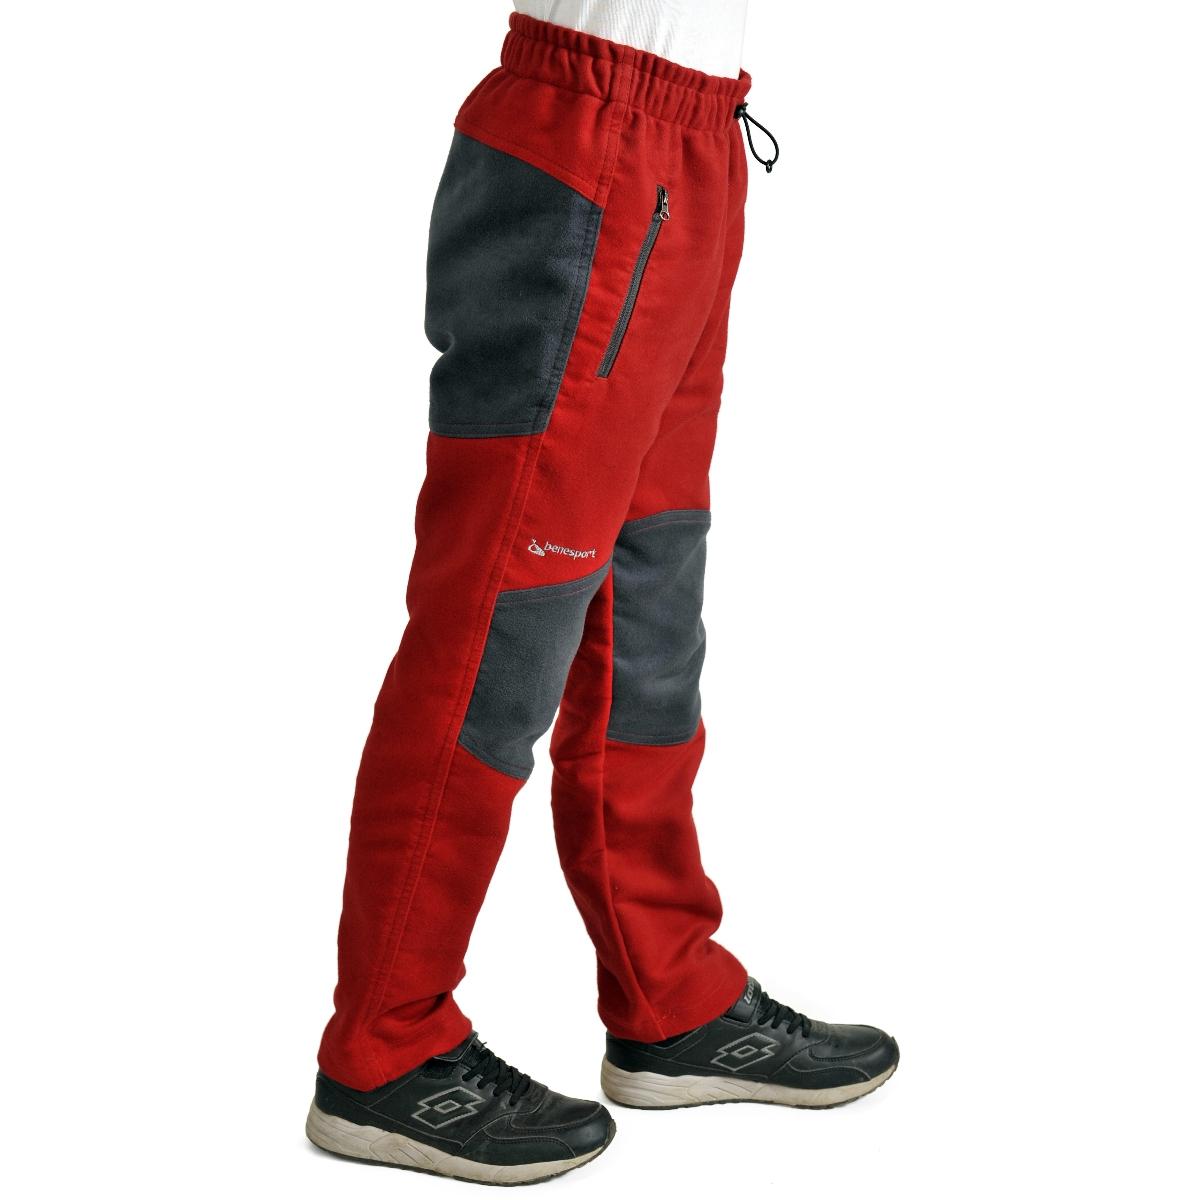 Benesport detské nohavice Spišík - červené, veľkosť 92